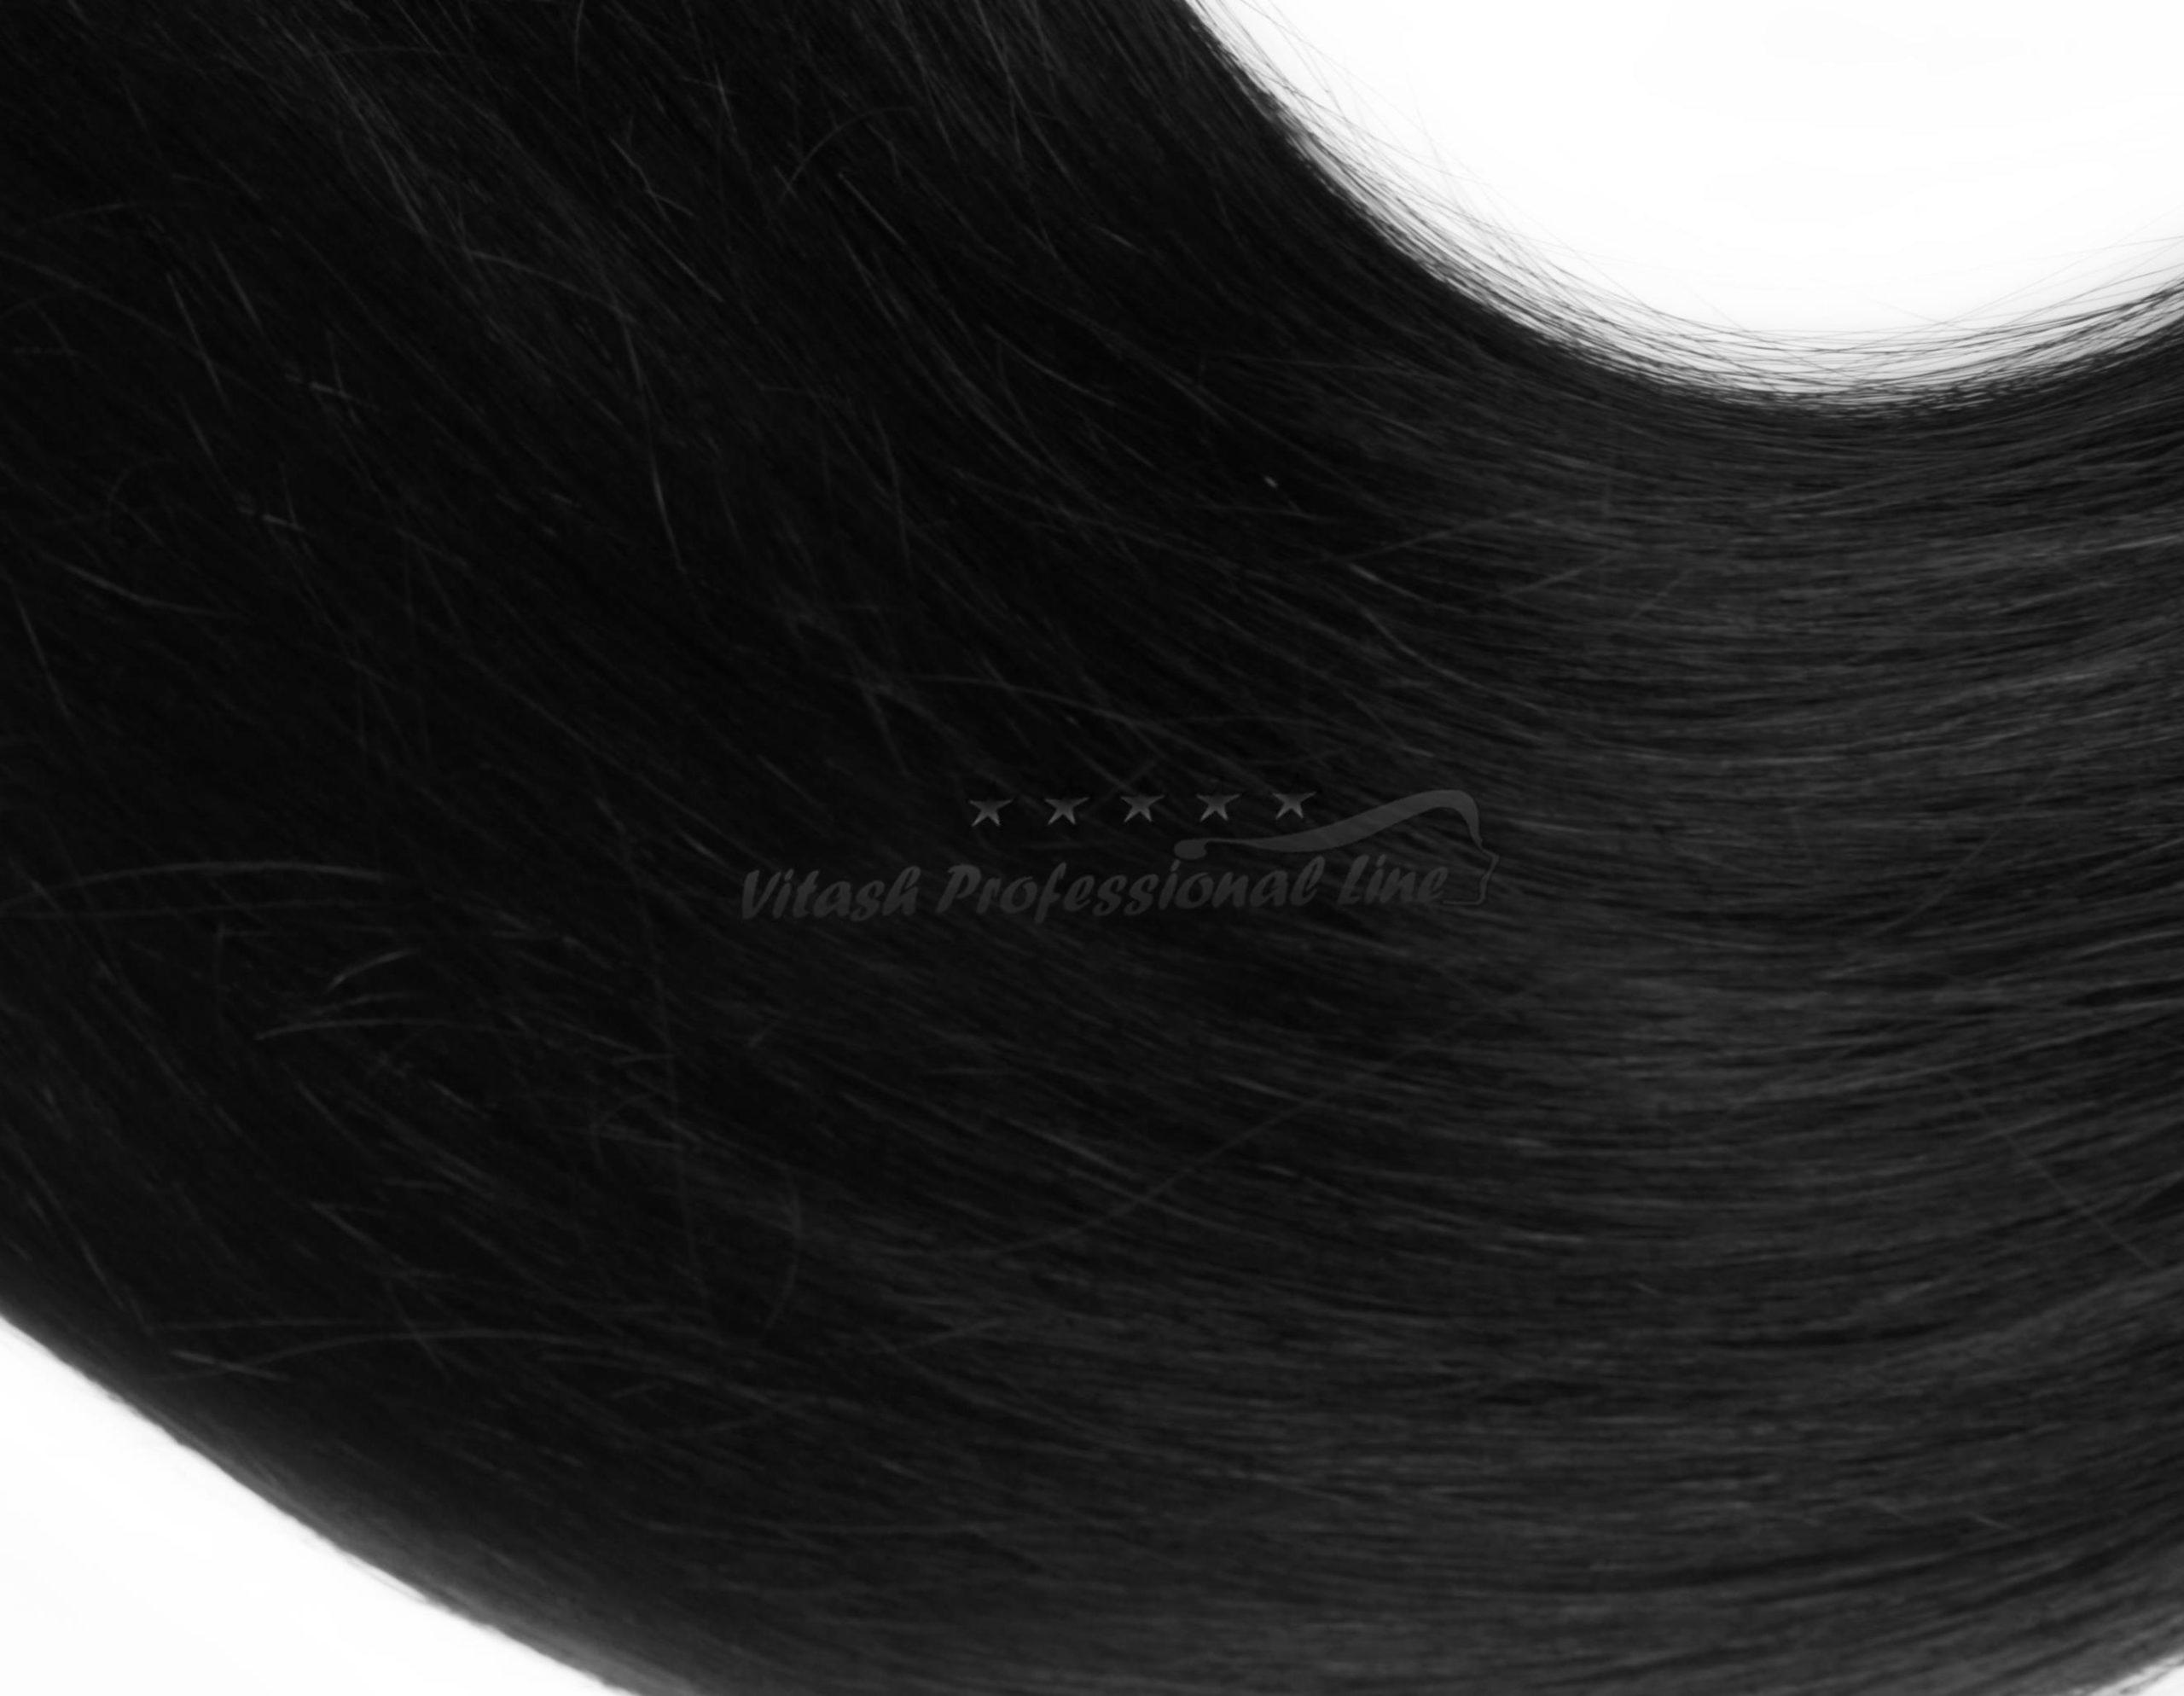 25 REMY indische Echthaar Strähnen MITTEL gewellt - 1 Gramm pro Strähne #1- schwarz